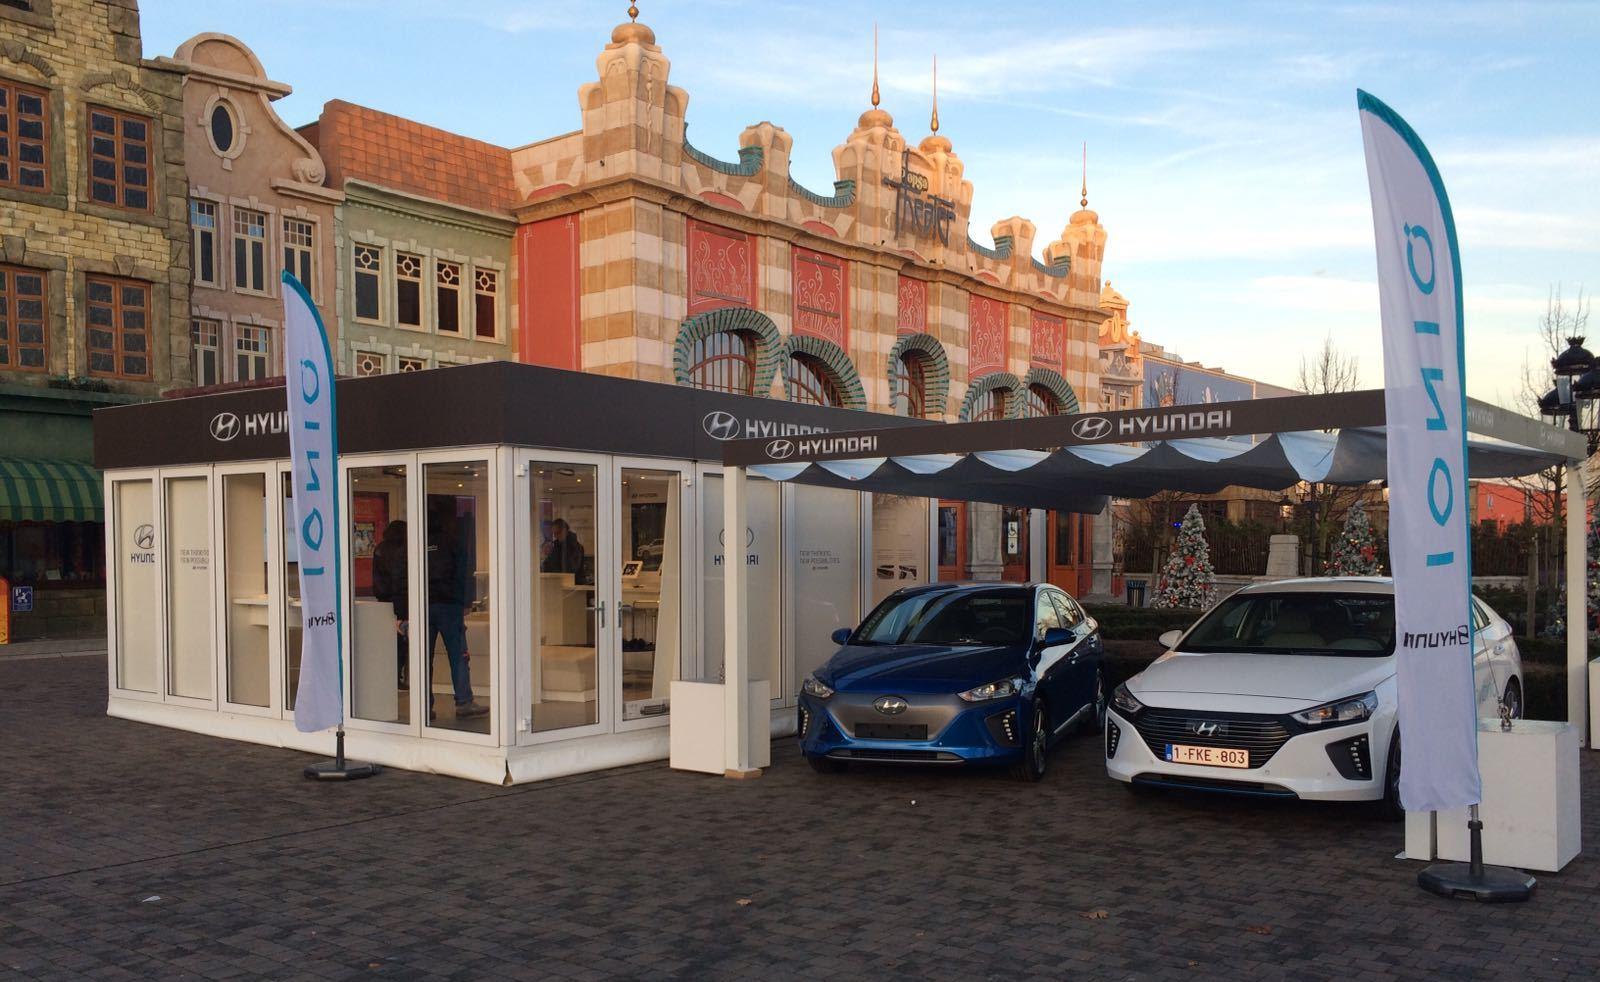 HYUNDAI Motors (Belgien) - Modell Big Square / Ausstattung: Verglasung und Banderole statt Dach-Teaser sowie Vordach als Carport. Kunde: Hyundai